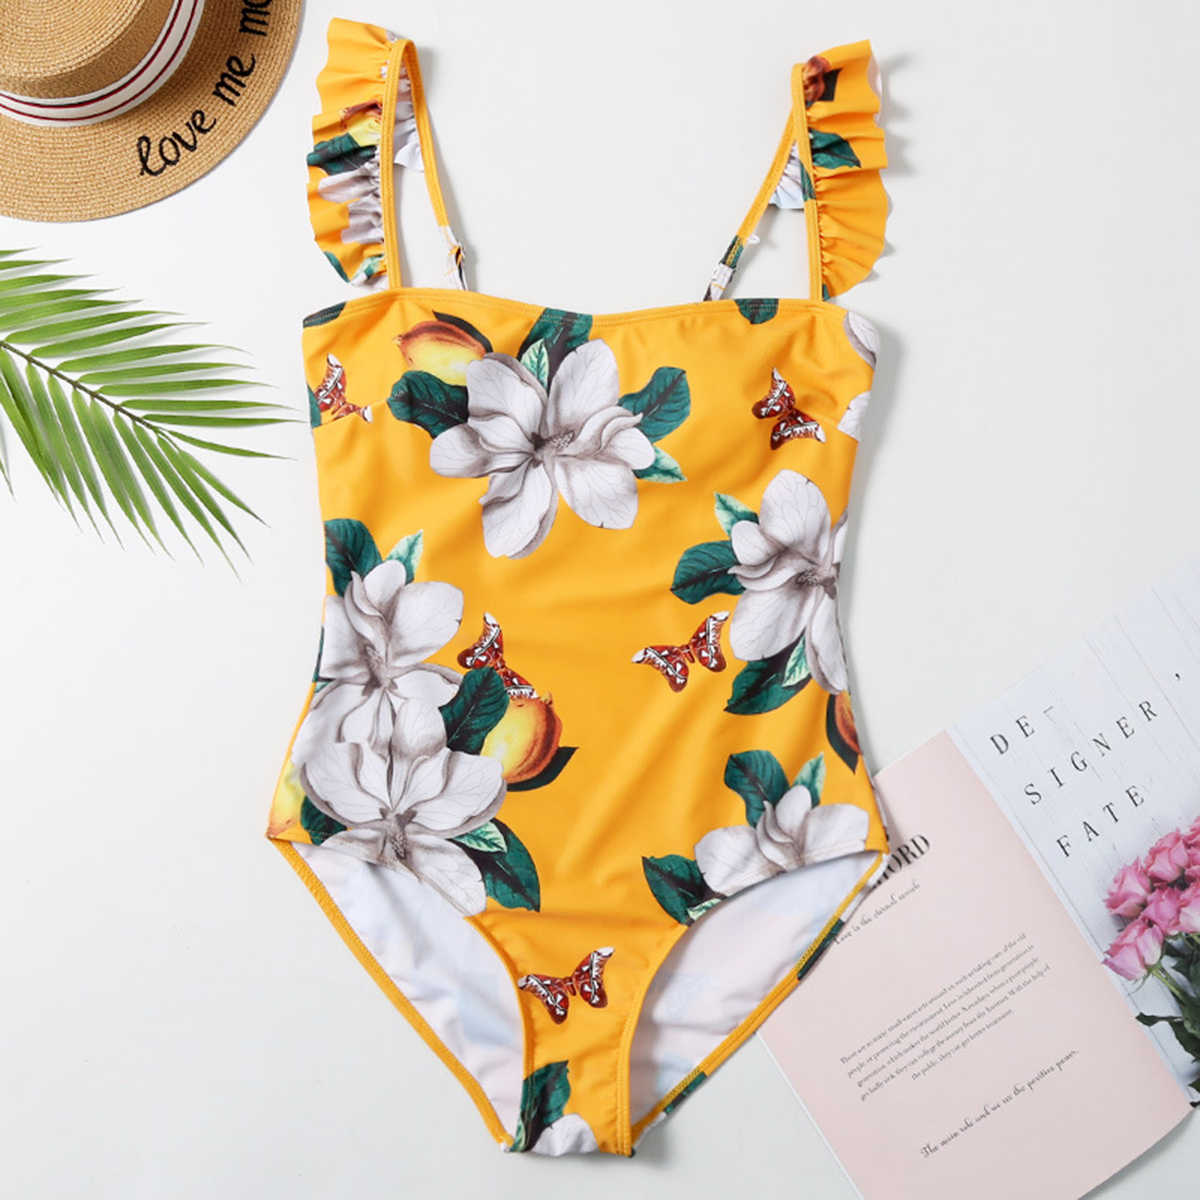 Vrouwen Oranje Dubbele Manier Band Verse Een Stuk Push Up Set Beachwear Badmode Bikini Maillot De Bain femme